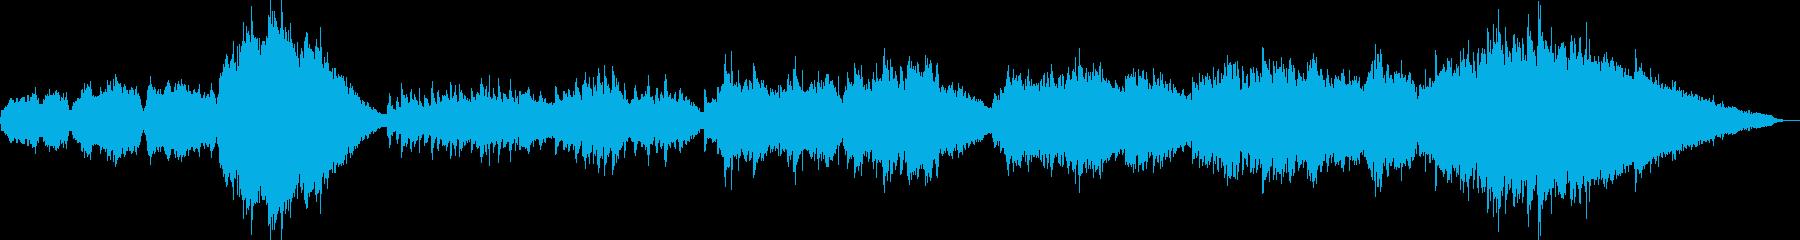 生命の誕生や息吹を呼び起こすピアノ弦楽曲の再生済みの波形